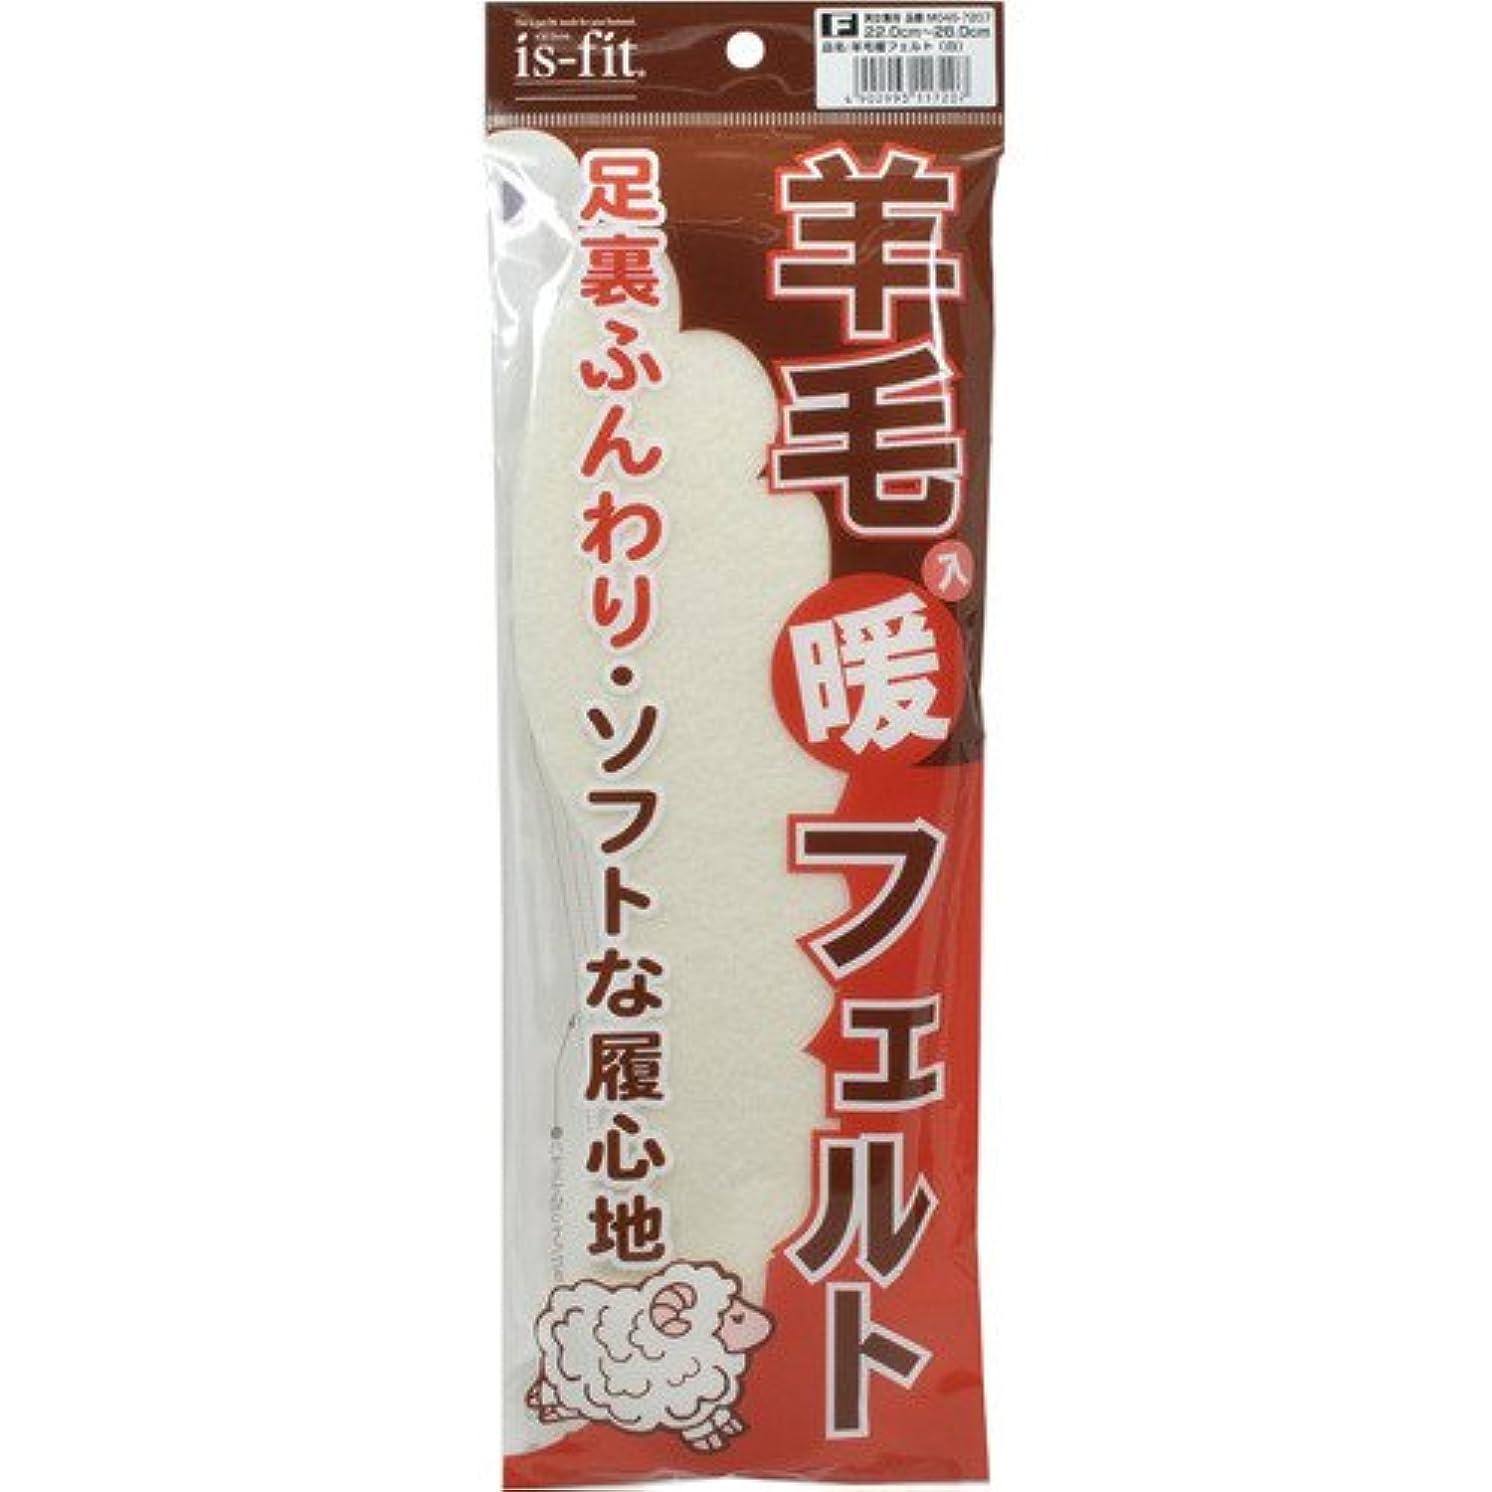 水没愛撫袋is-fit(イズフィット) 羊毛入り暖フェルト 男女兼用 22.0-28.0cm 白